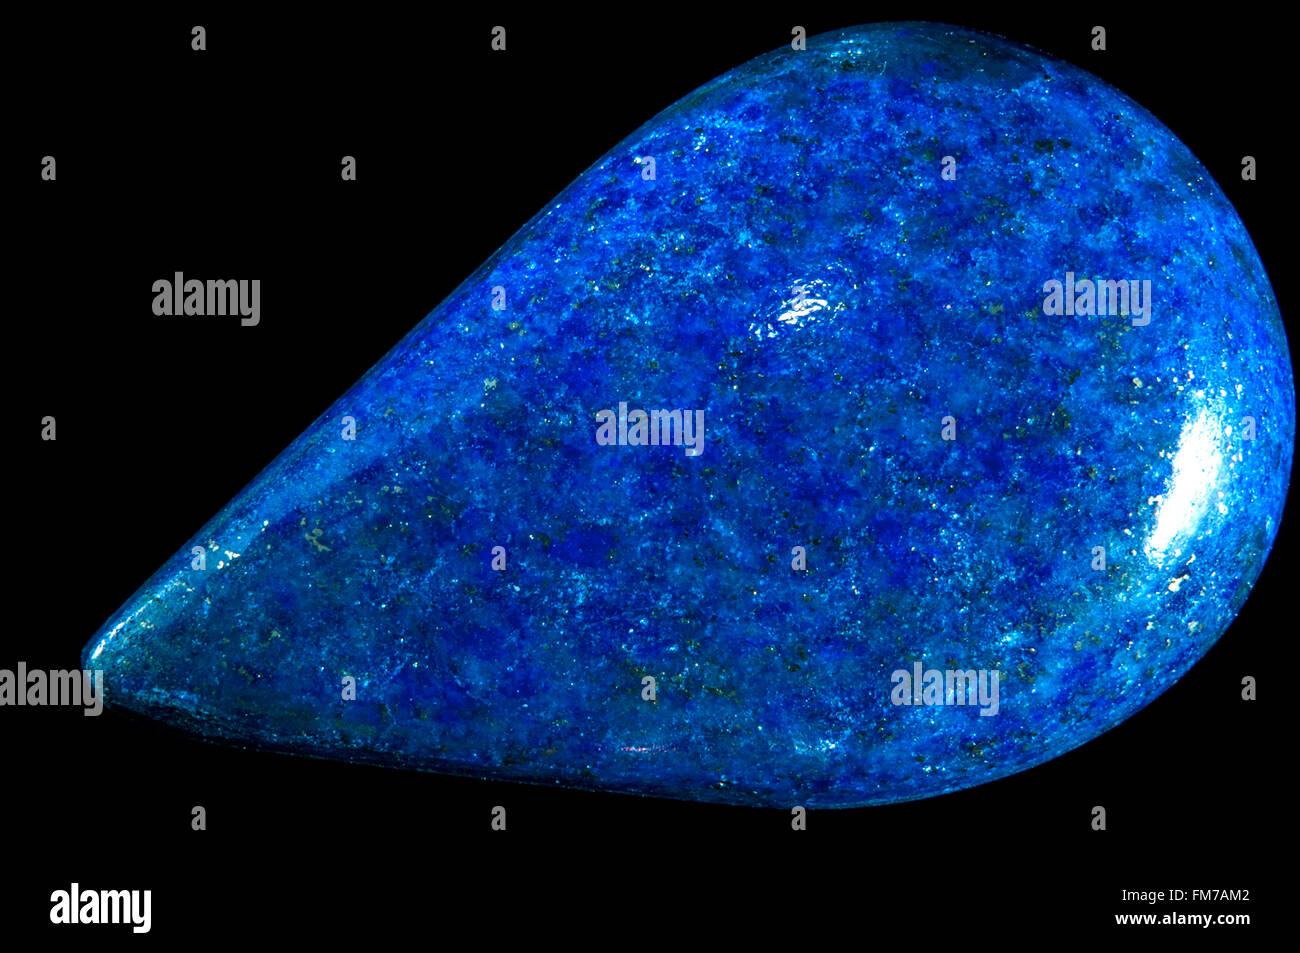 Lapis Lazuli Stockfotos und bilder Kaufen Alamy